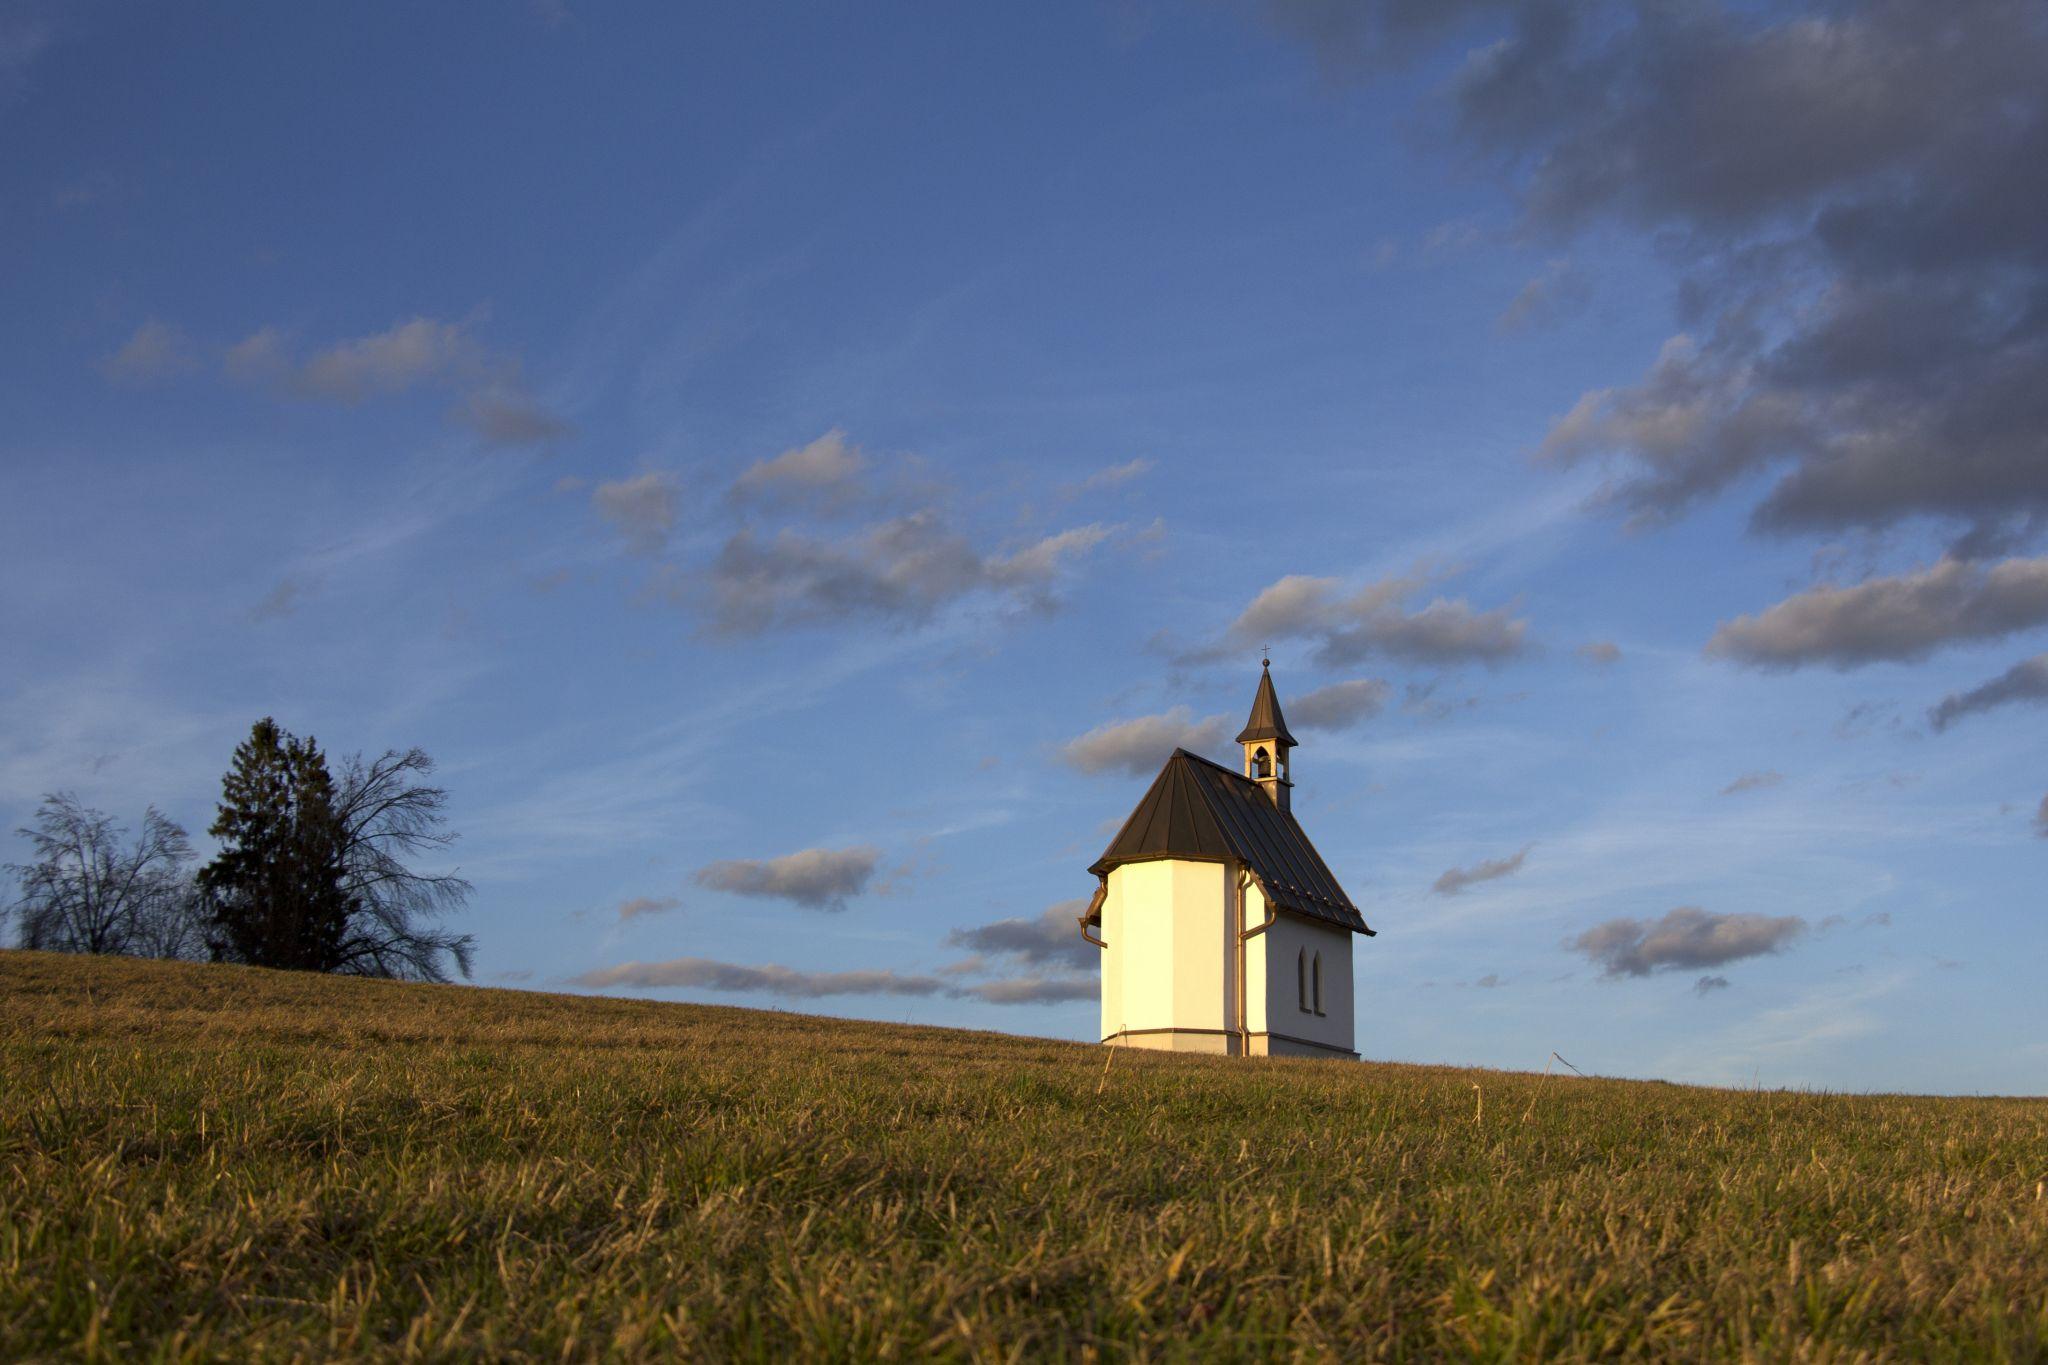 Schroll-Kapelle Holzhausen, Germany